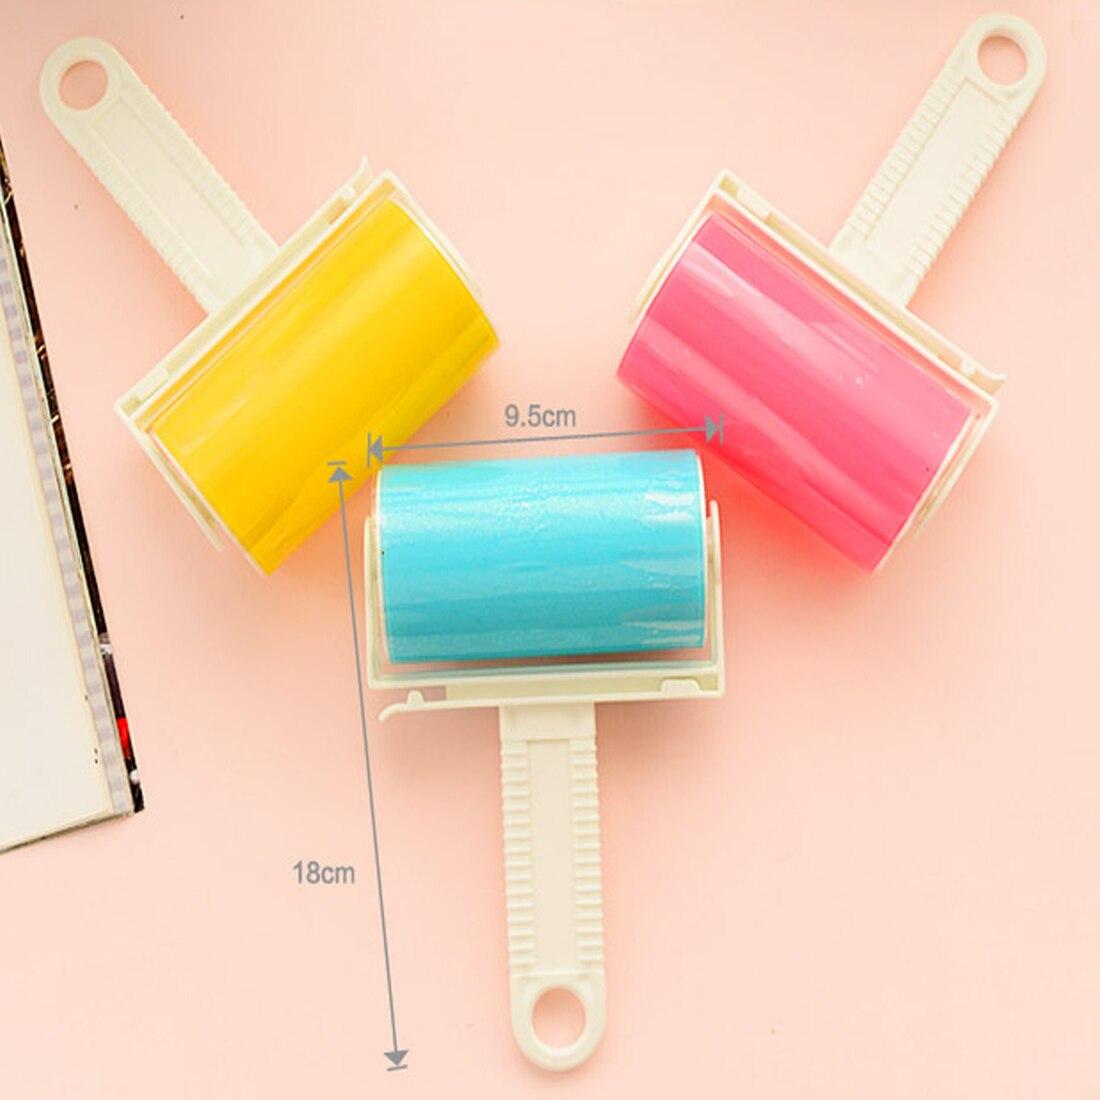 Նոր փոշեկուլ մաքրող գլանափաթեթավորող - Կենցաղային ապրանքներ